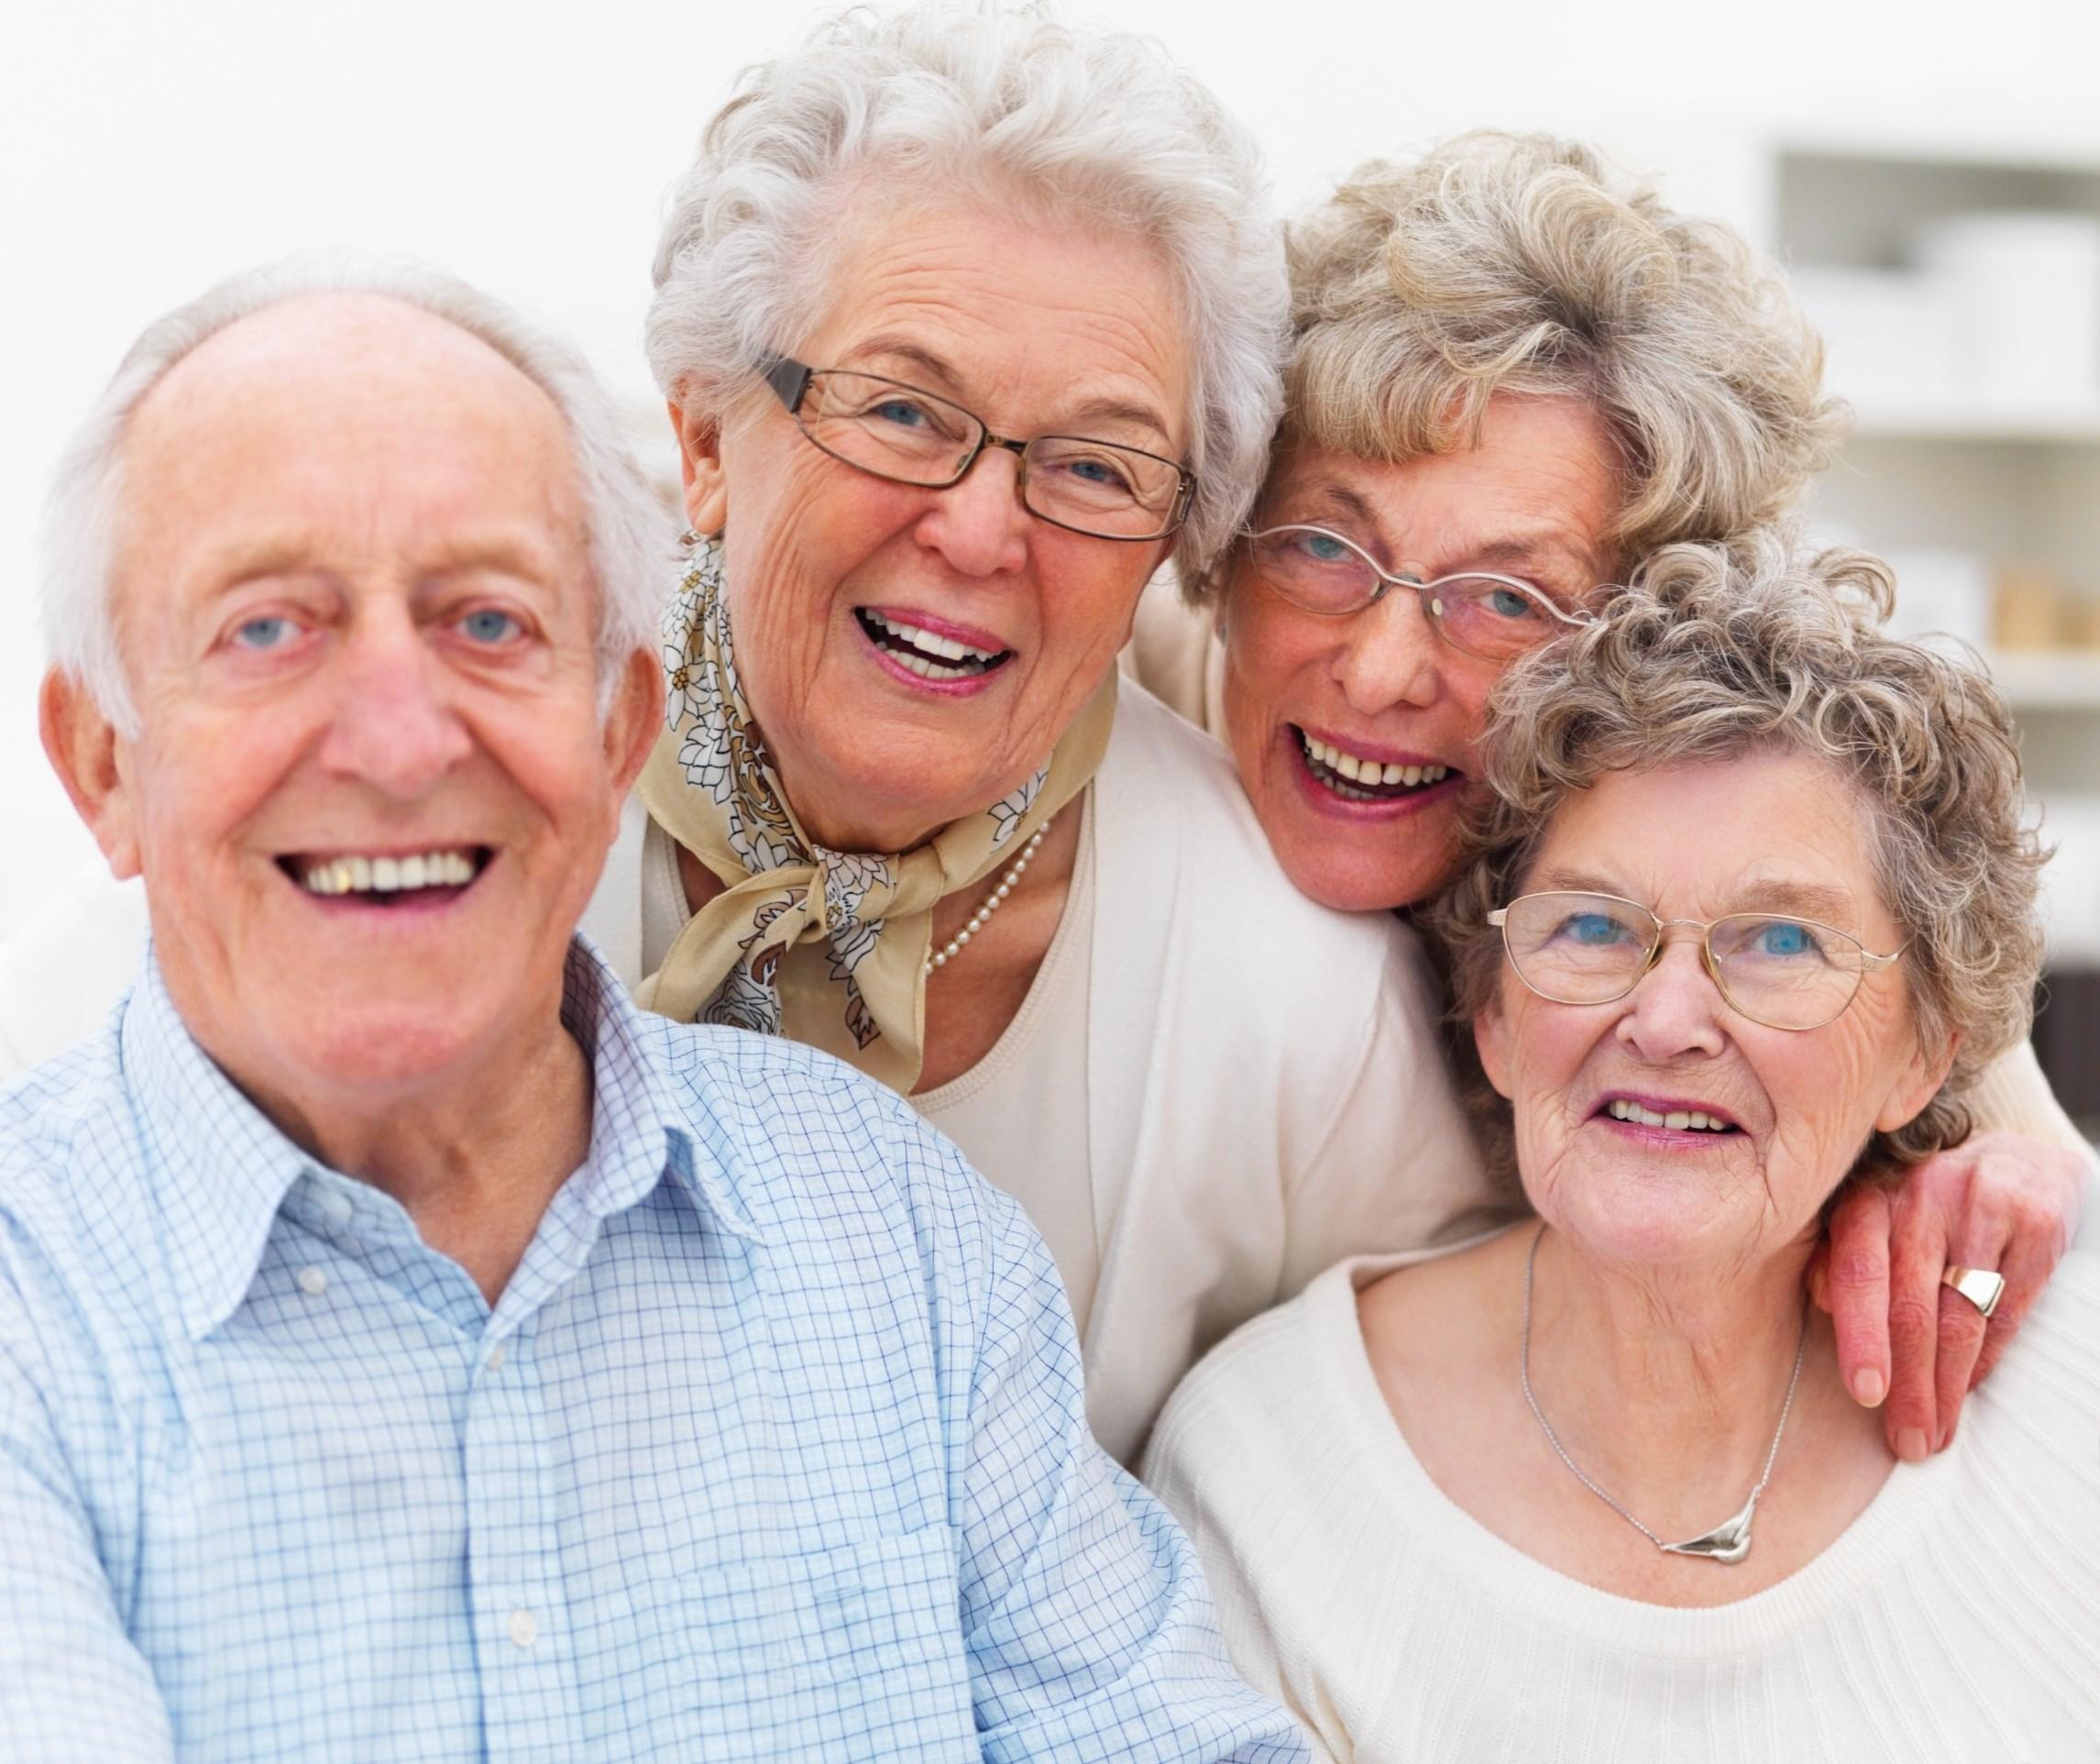 Group of older people's get together